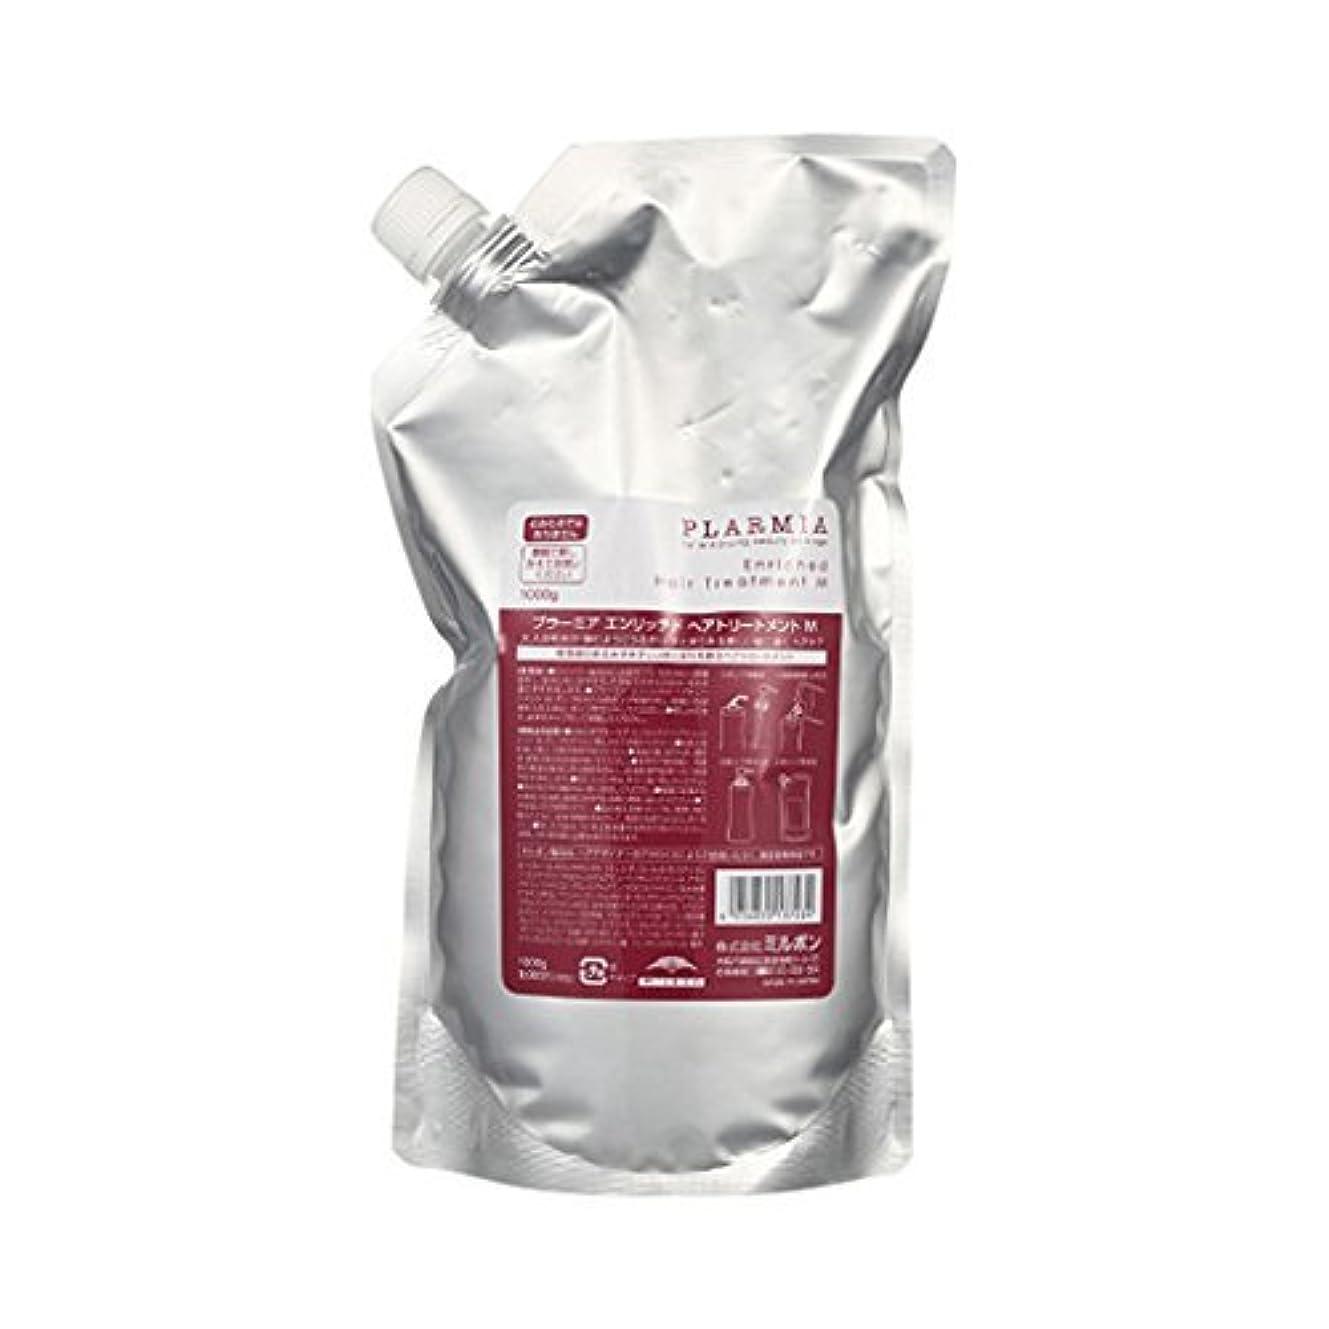 寝室を掃除するスカープ不正直ミルボン プラーミア エンリッチド トリートメントM (1000gパック) 詰替用